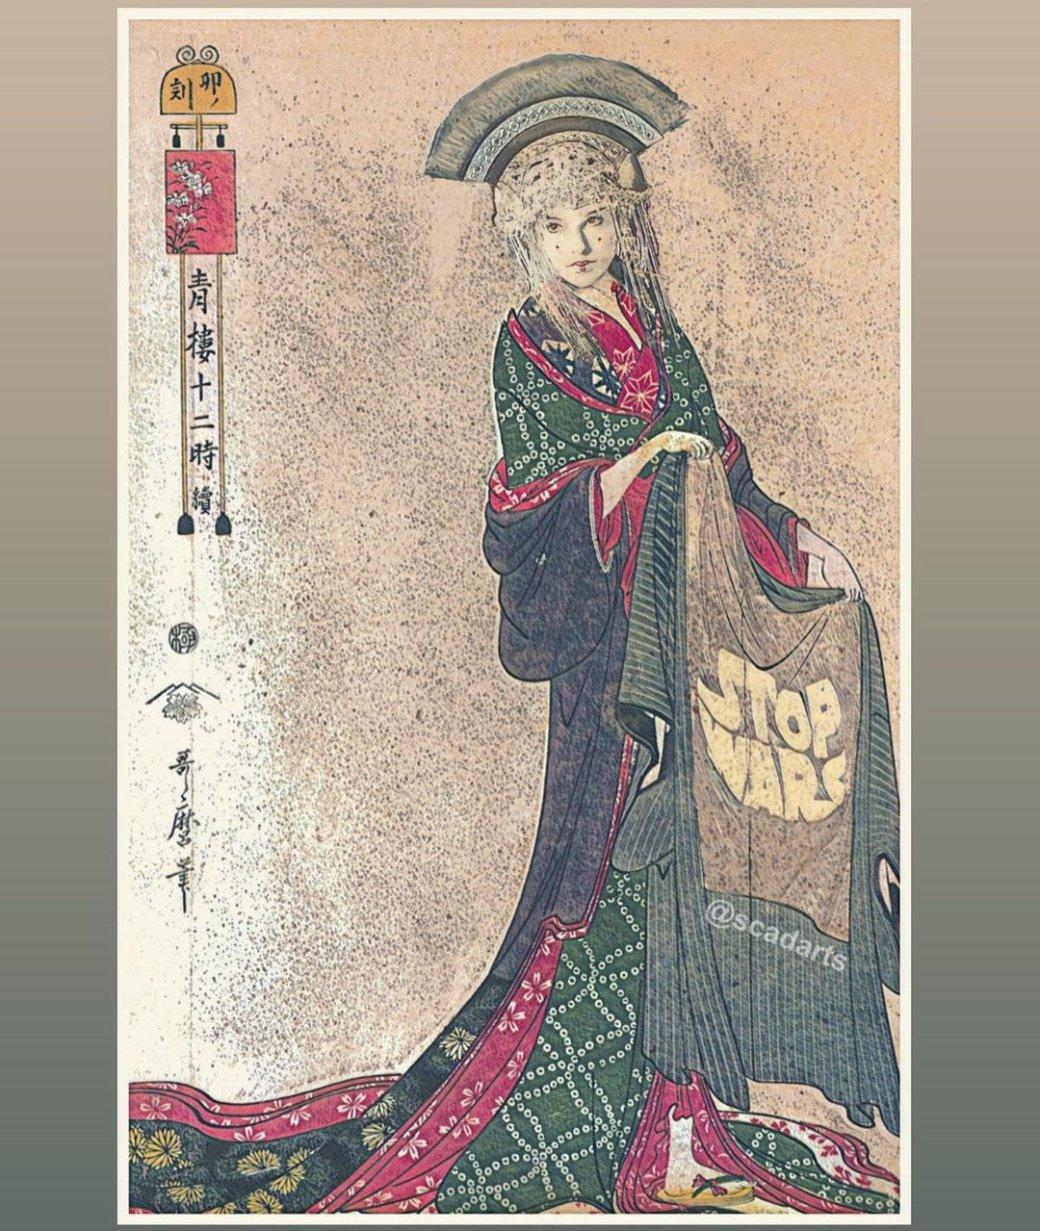 Мандалорка, Йода иПадме Амидала: художник рисует «Звездные войны» встиле древней Японии